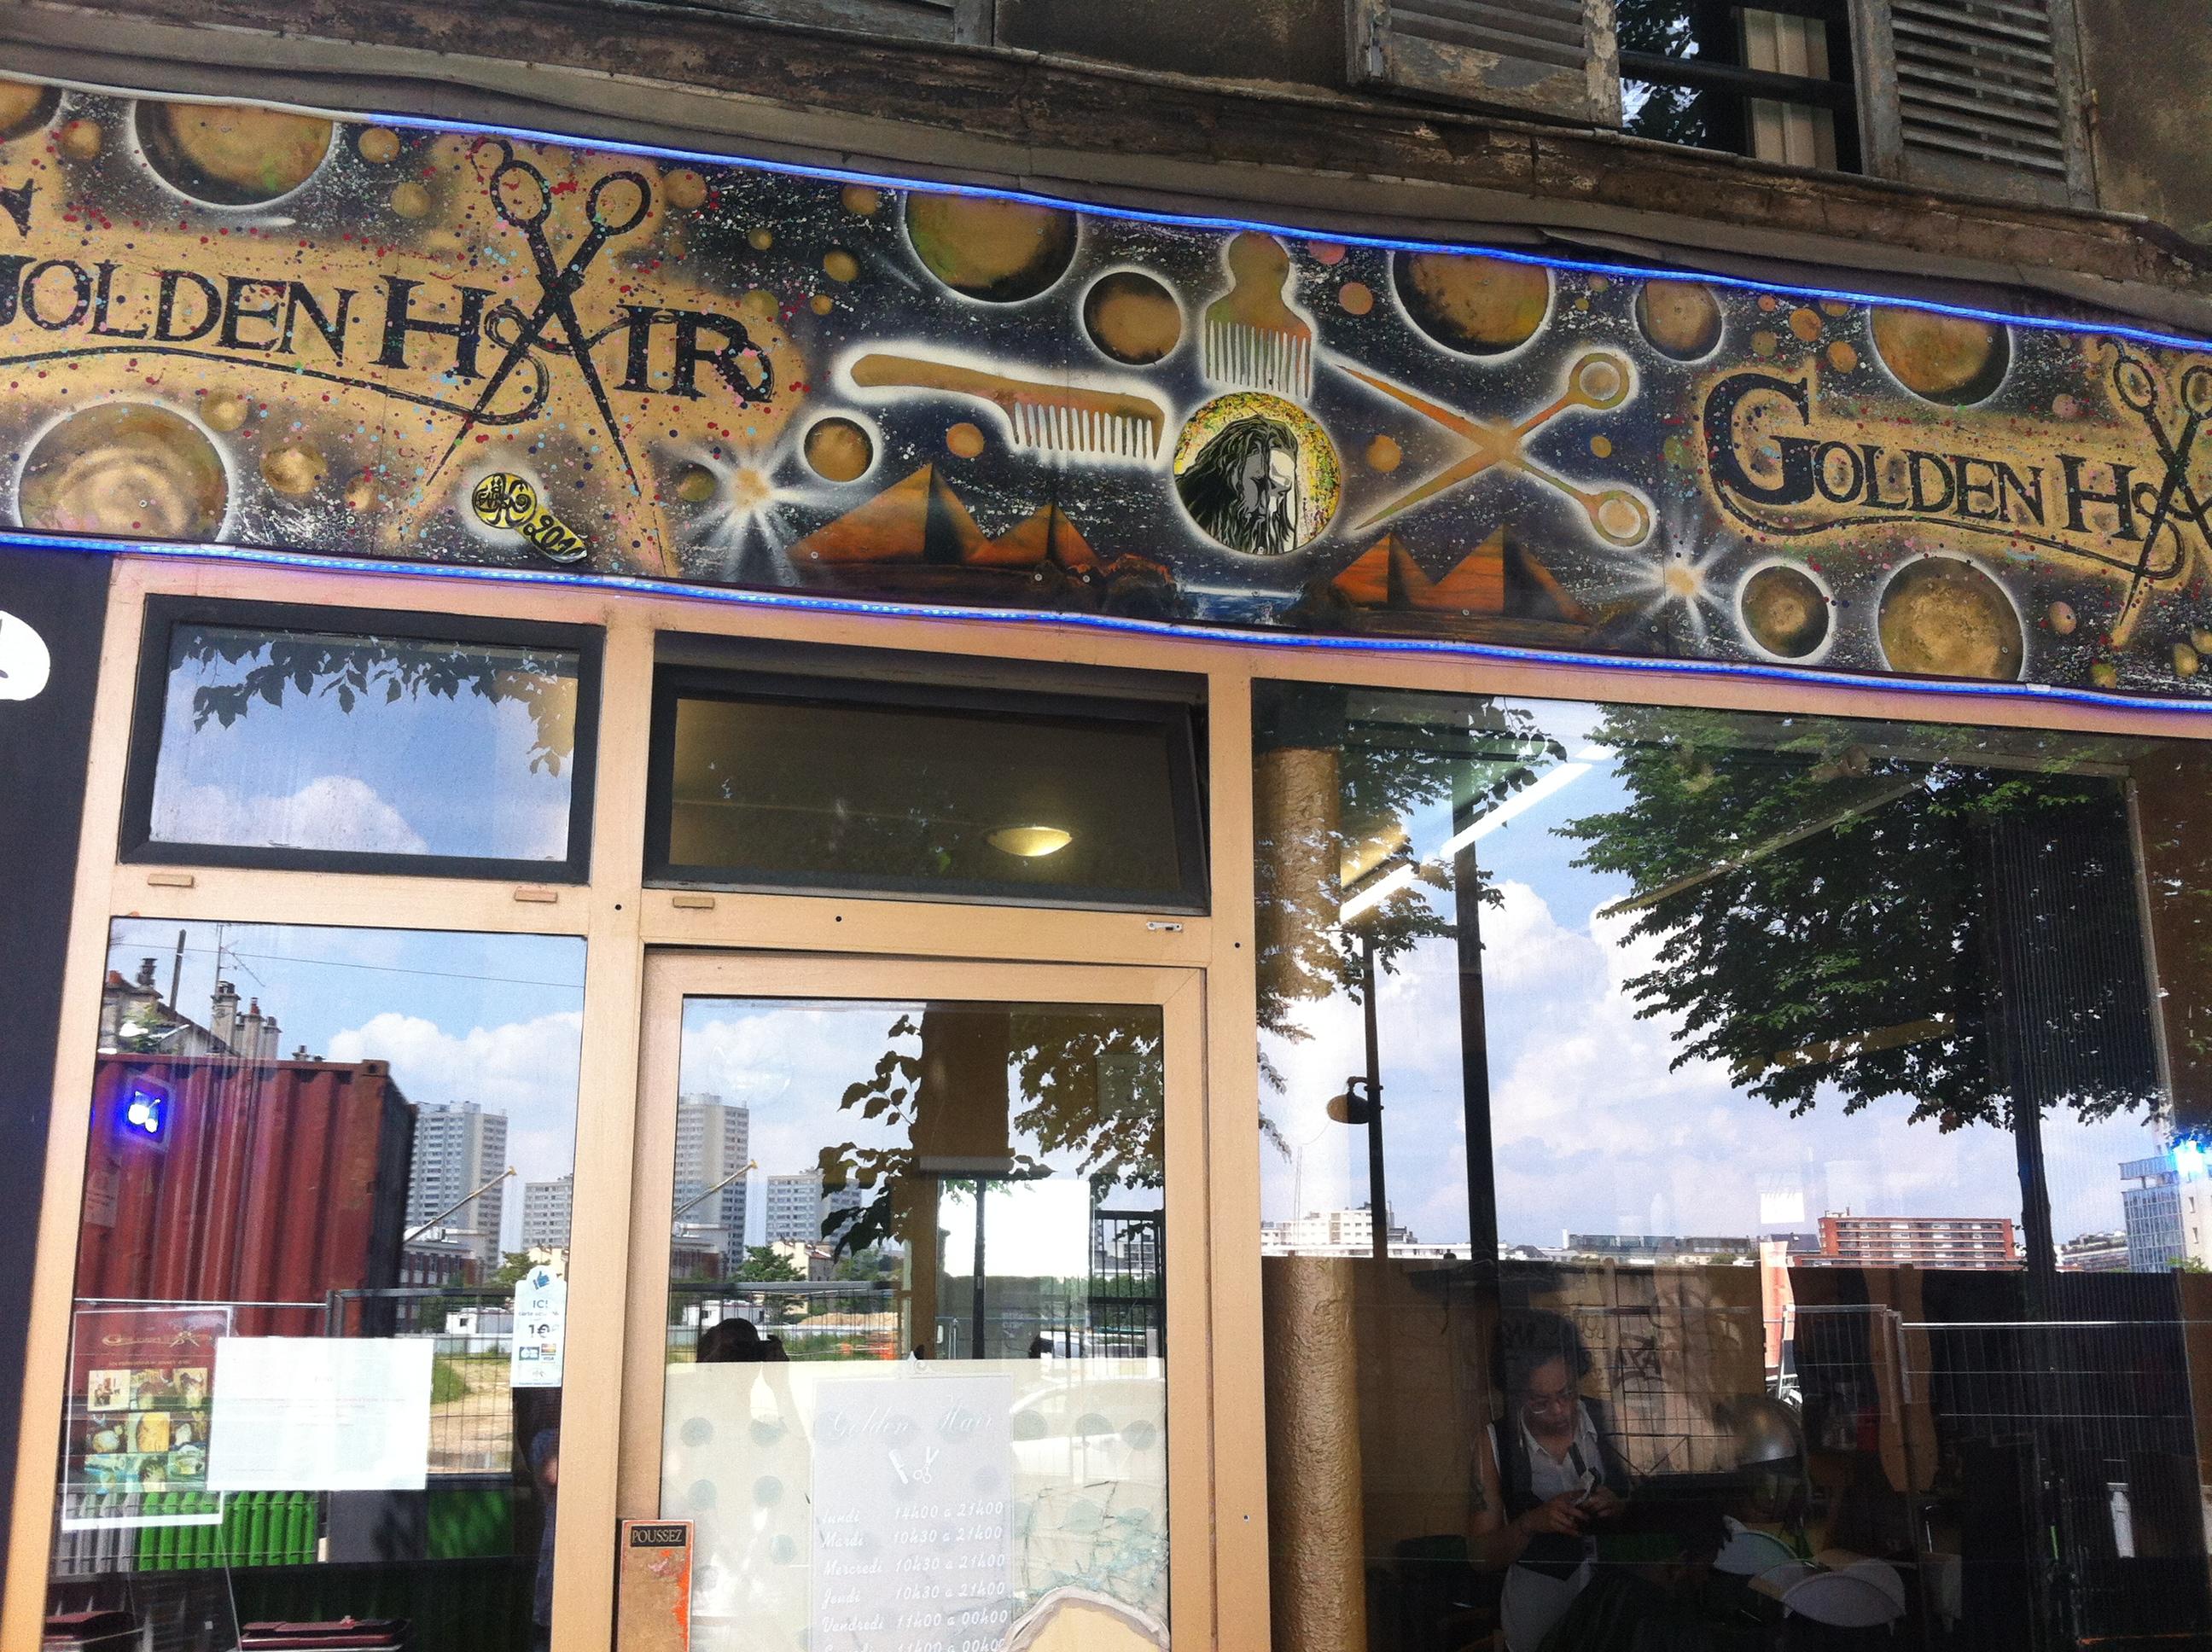 Golden hair - Ivry-sur-Seine